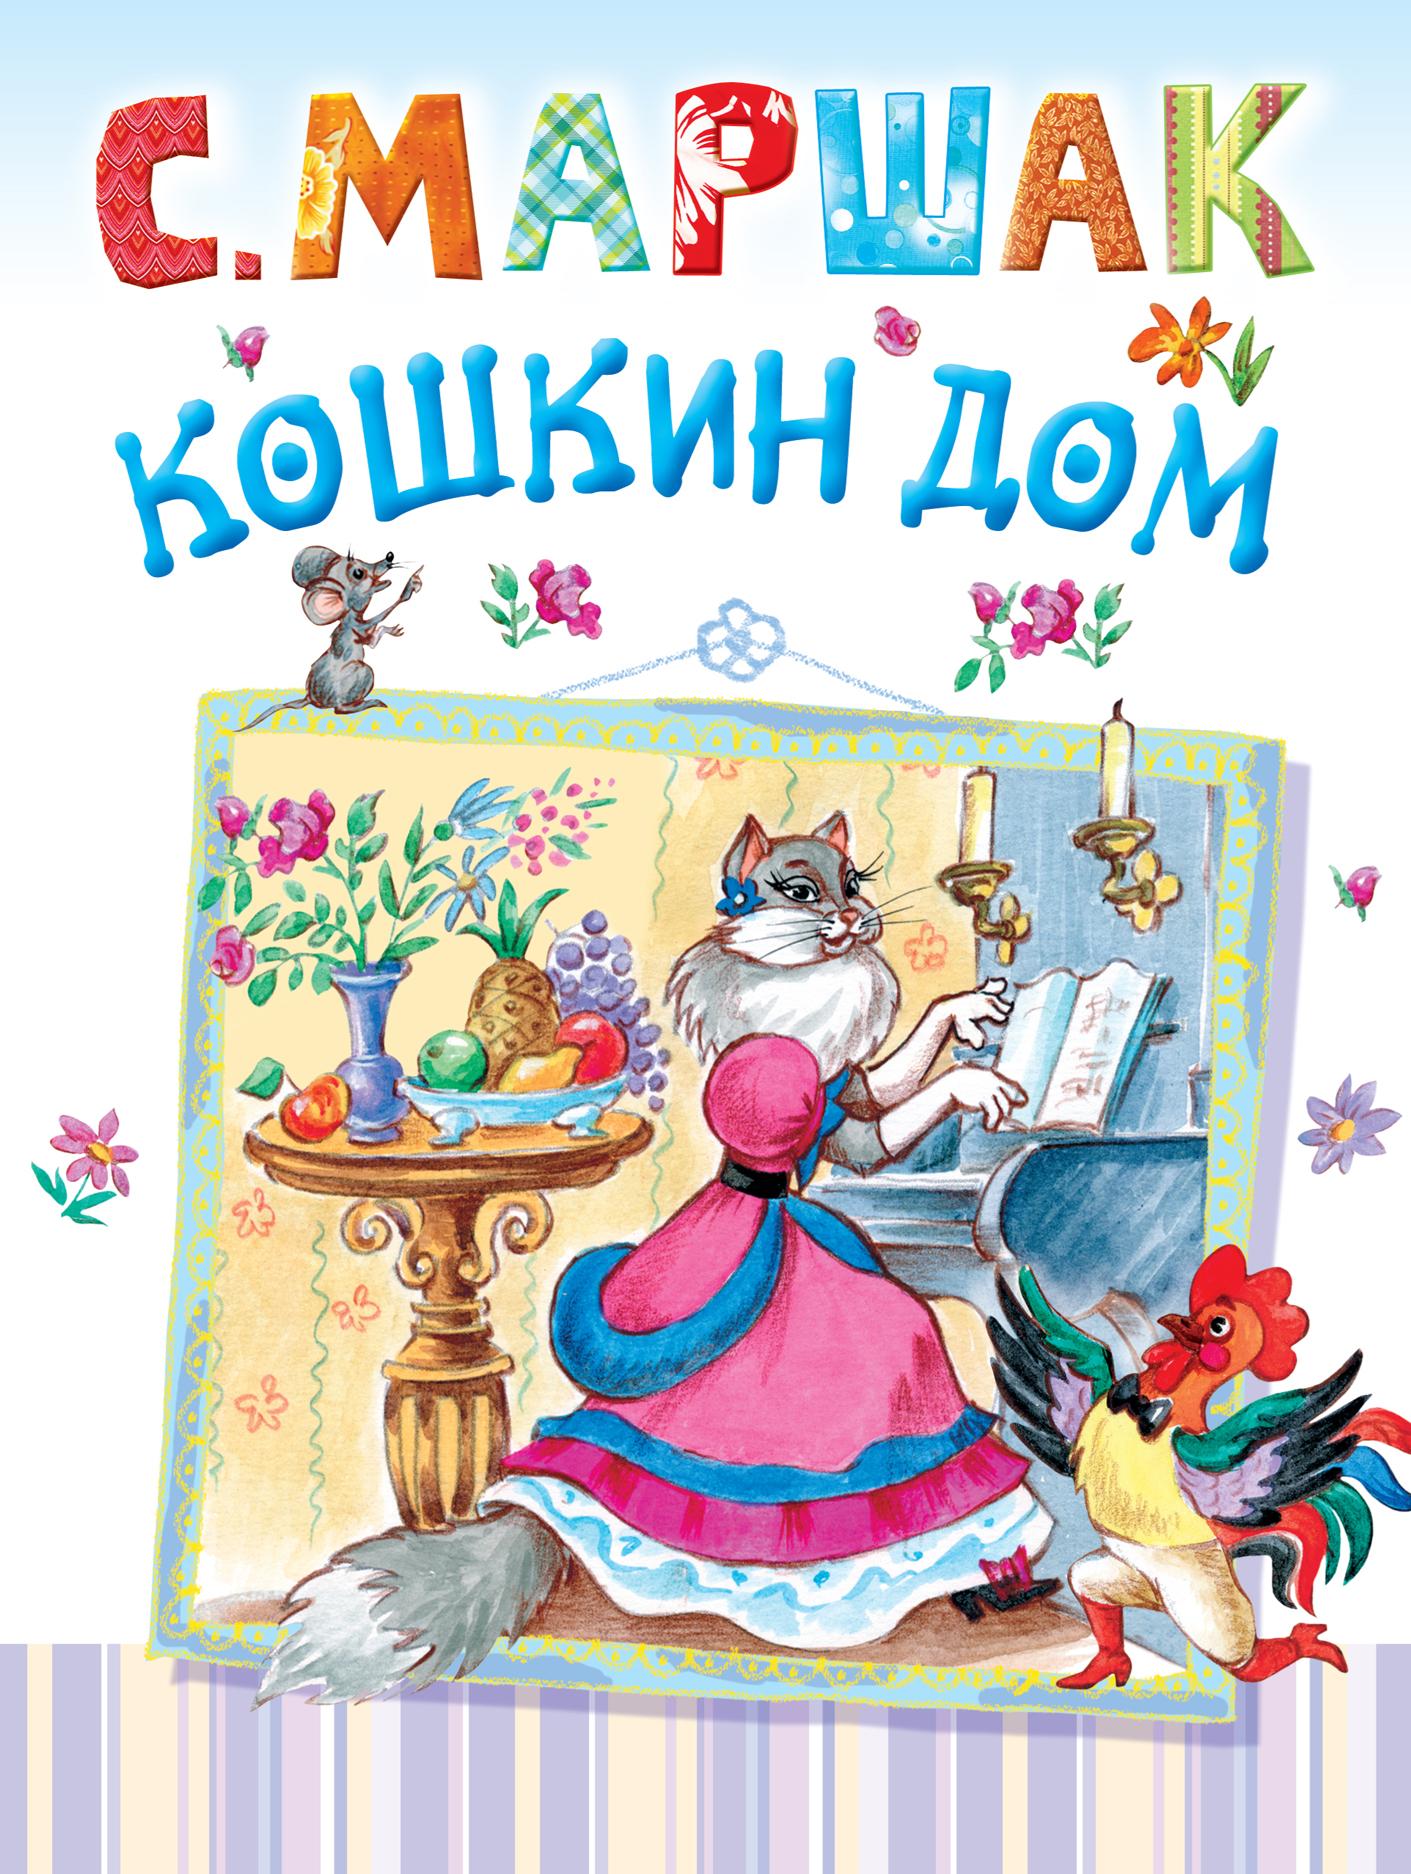 самуил маршак кошкин дом в картинках специализируется выпуске